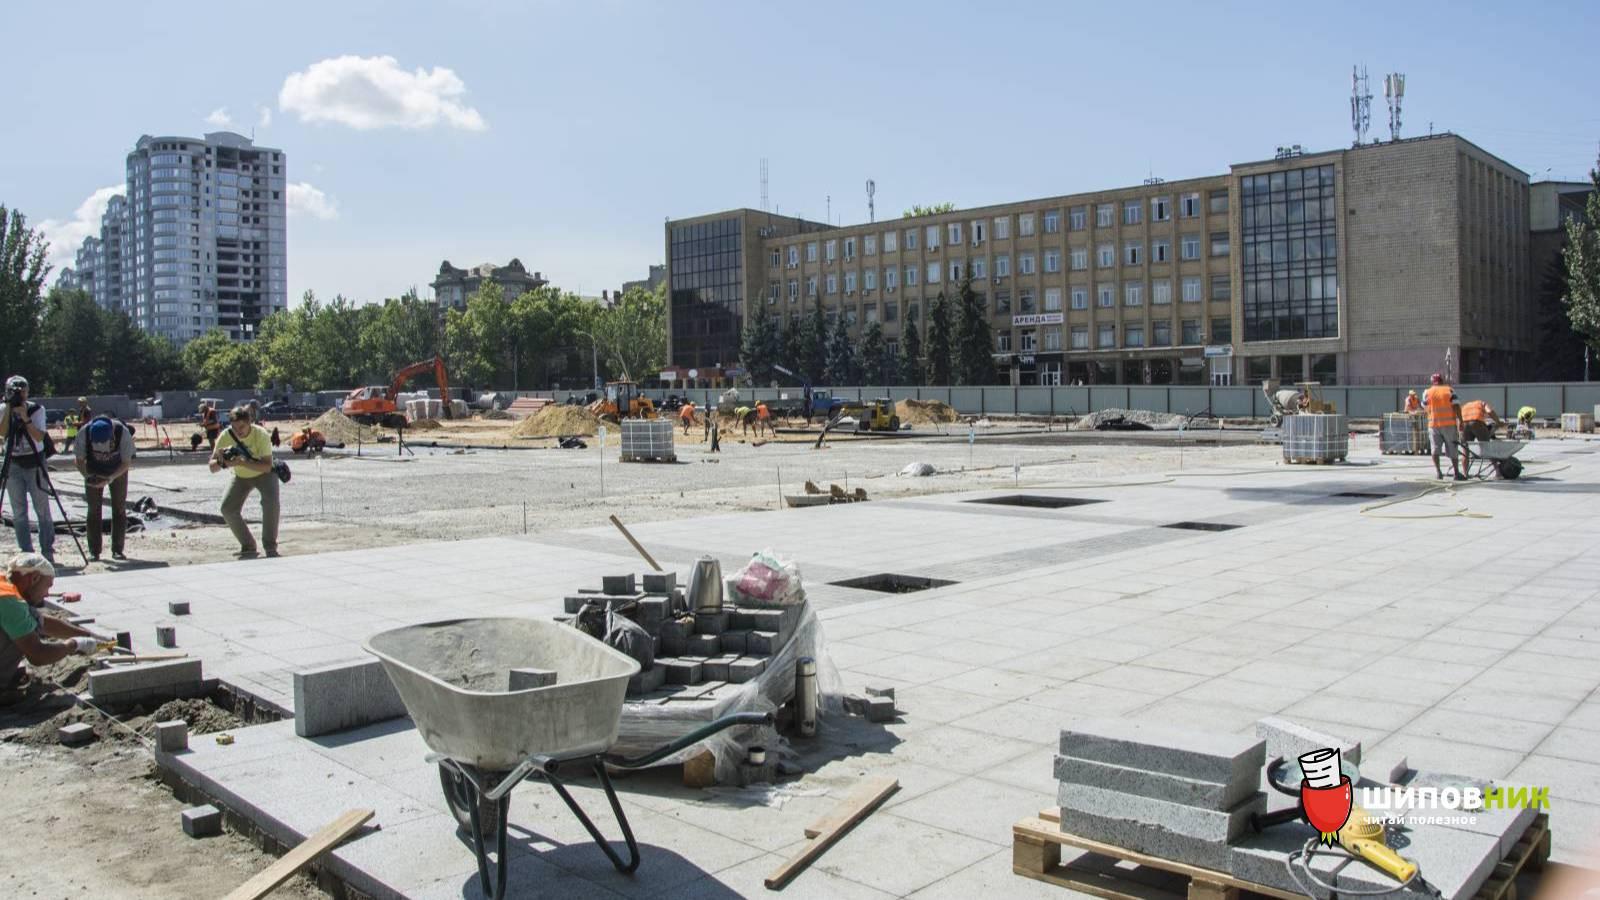 Генподрядчик приостанавливает работы по реконструкции Соборной площади из-за недофинансирования